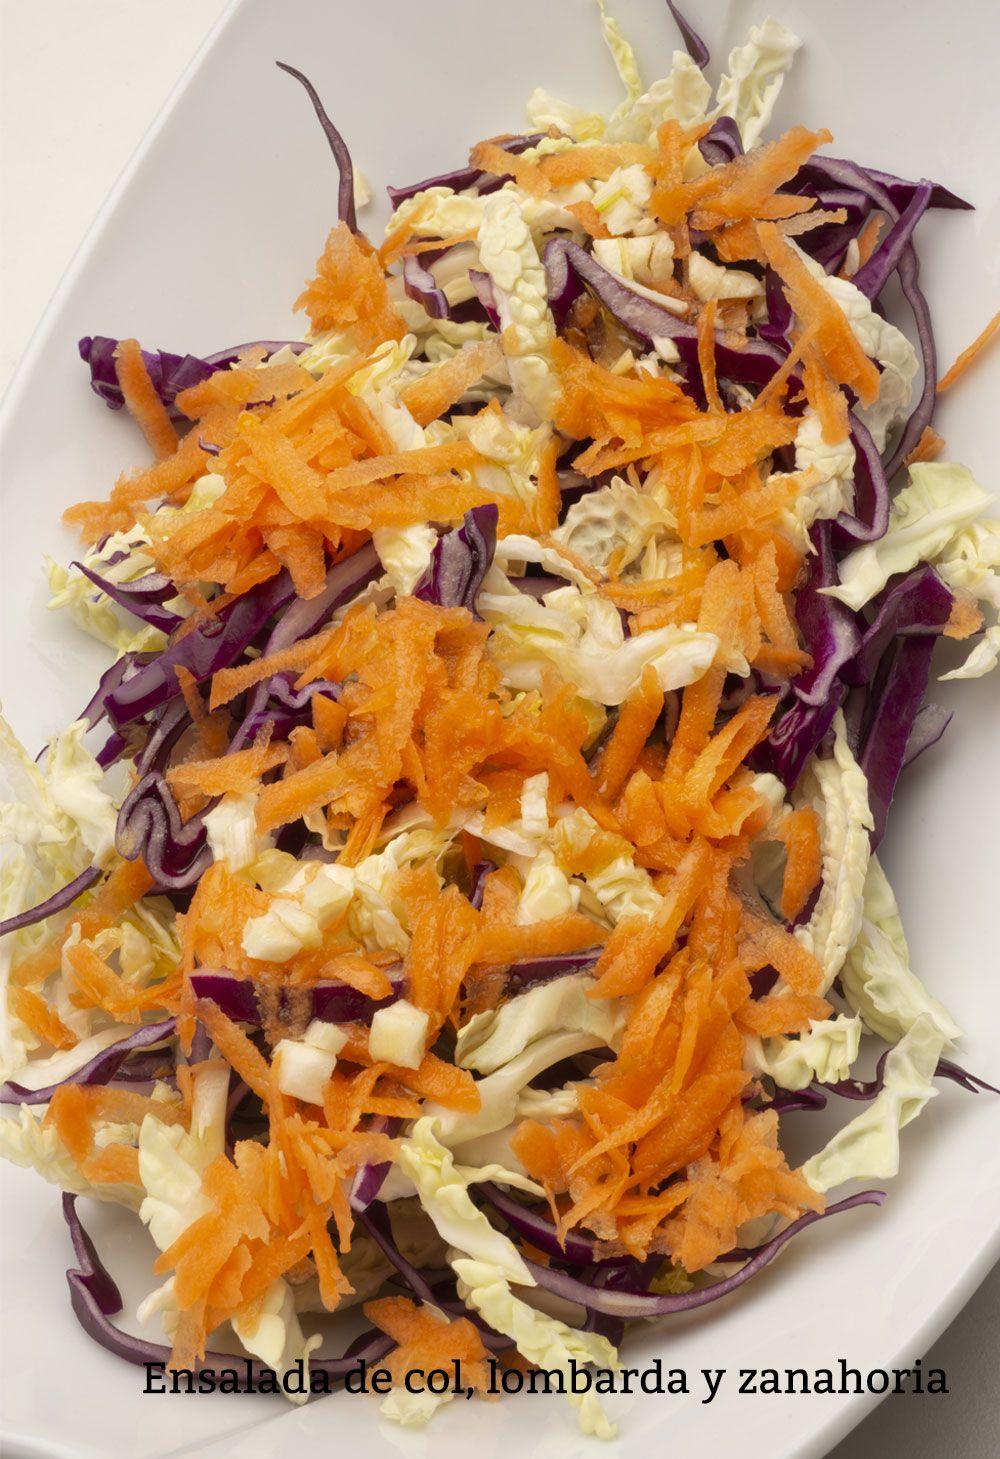 Ensalada de col, lombarda y zanahoria